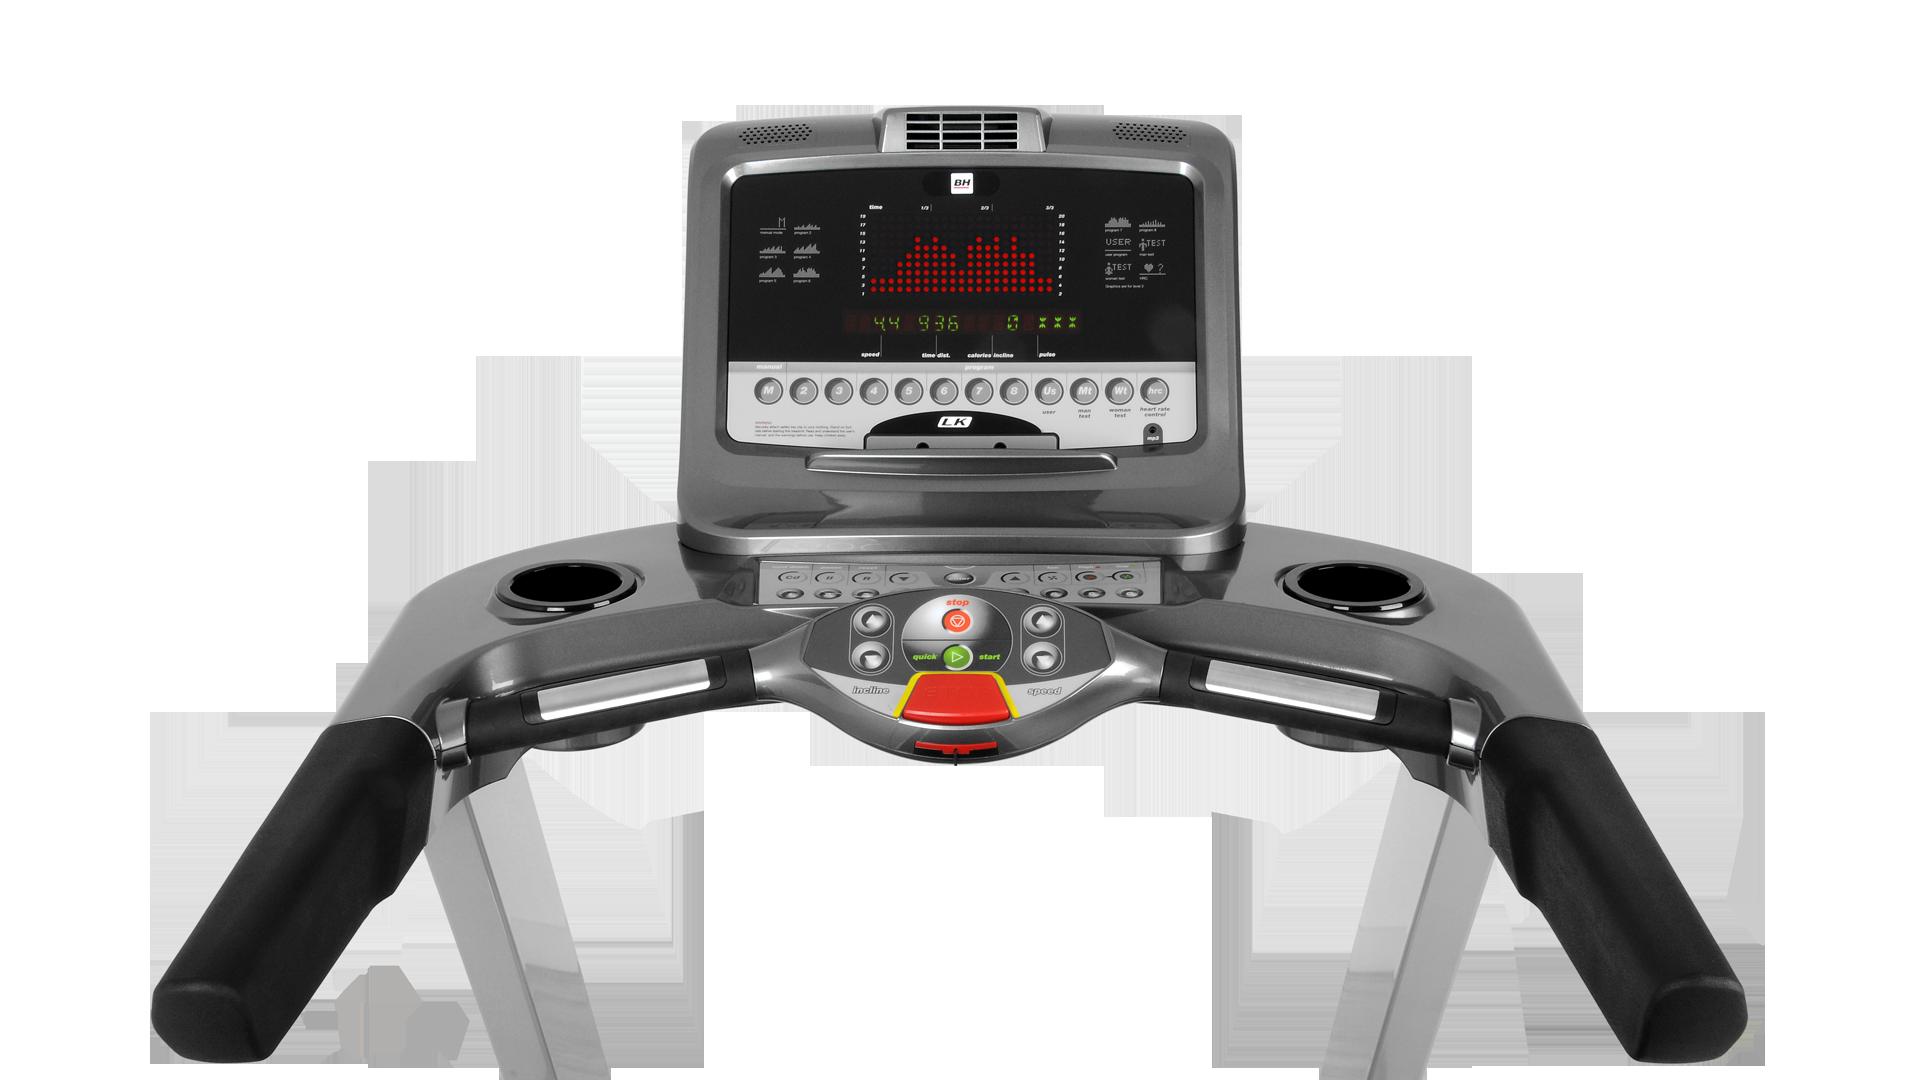 LK6600 Professional treadmill